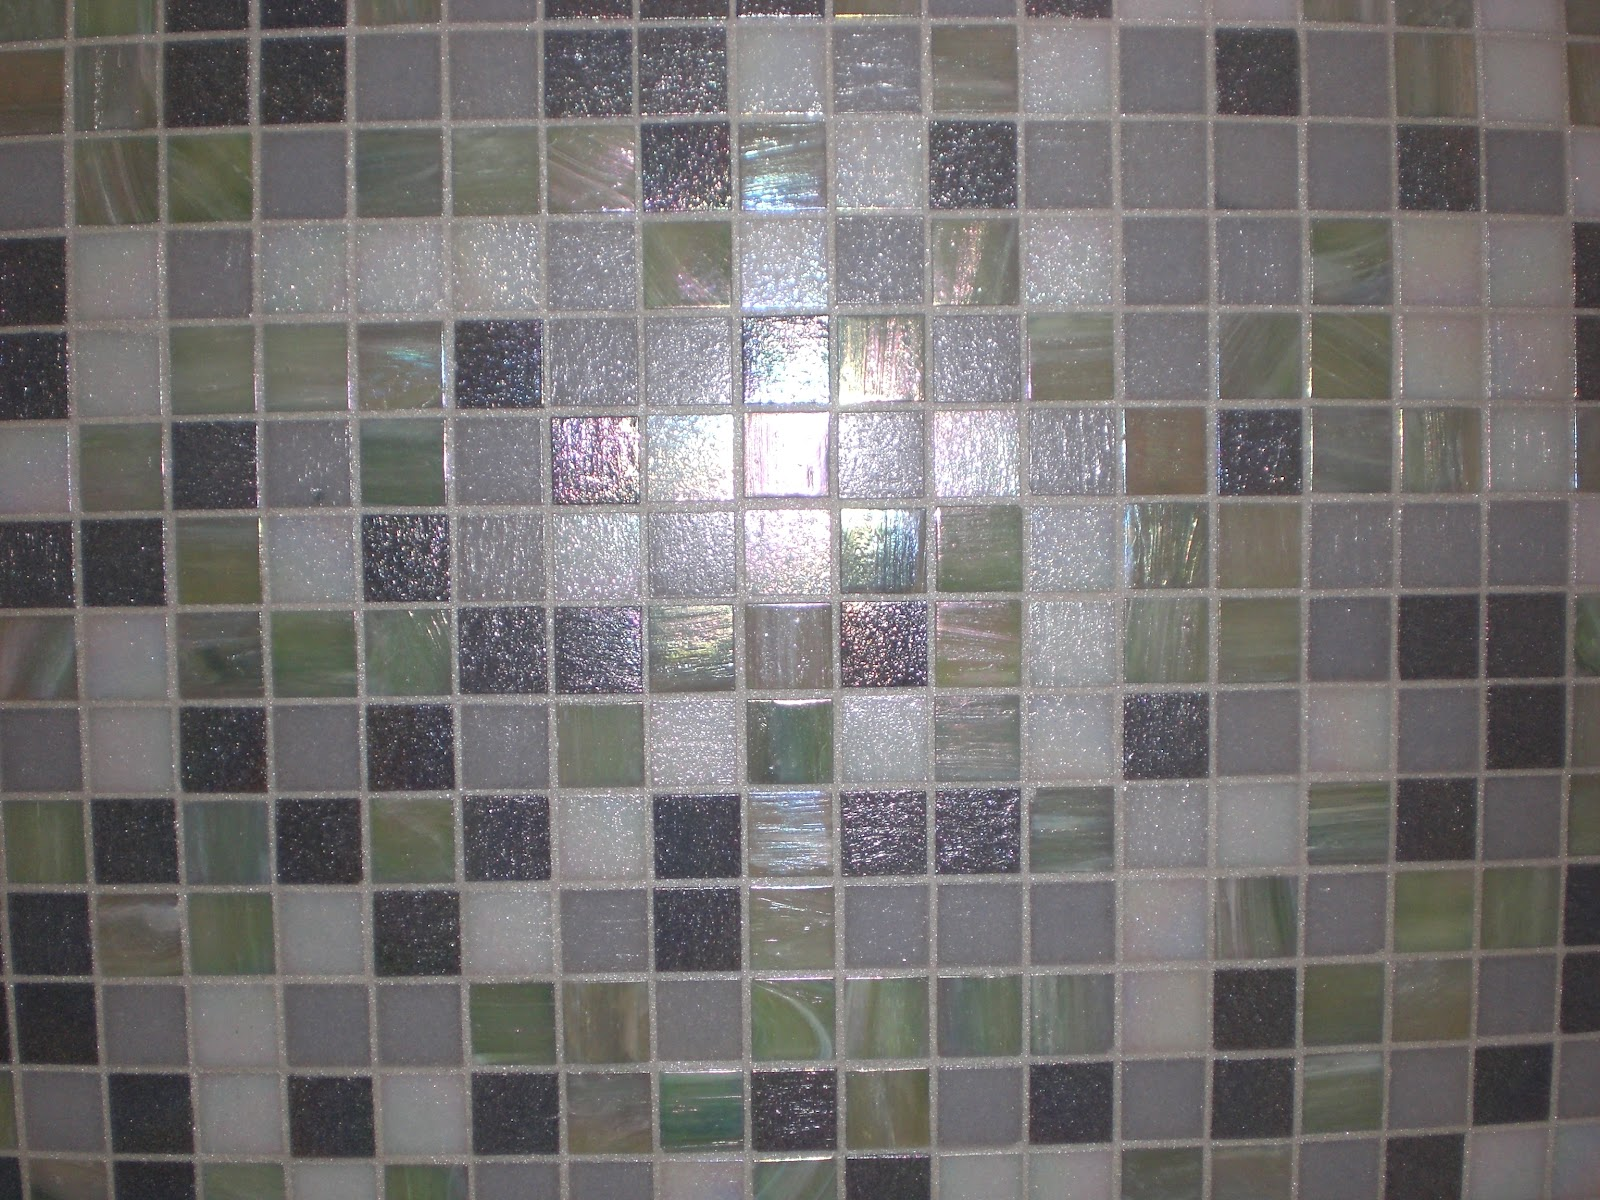 Bagno in mosaico grigio | GABBATORE MATTIA